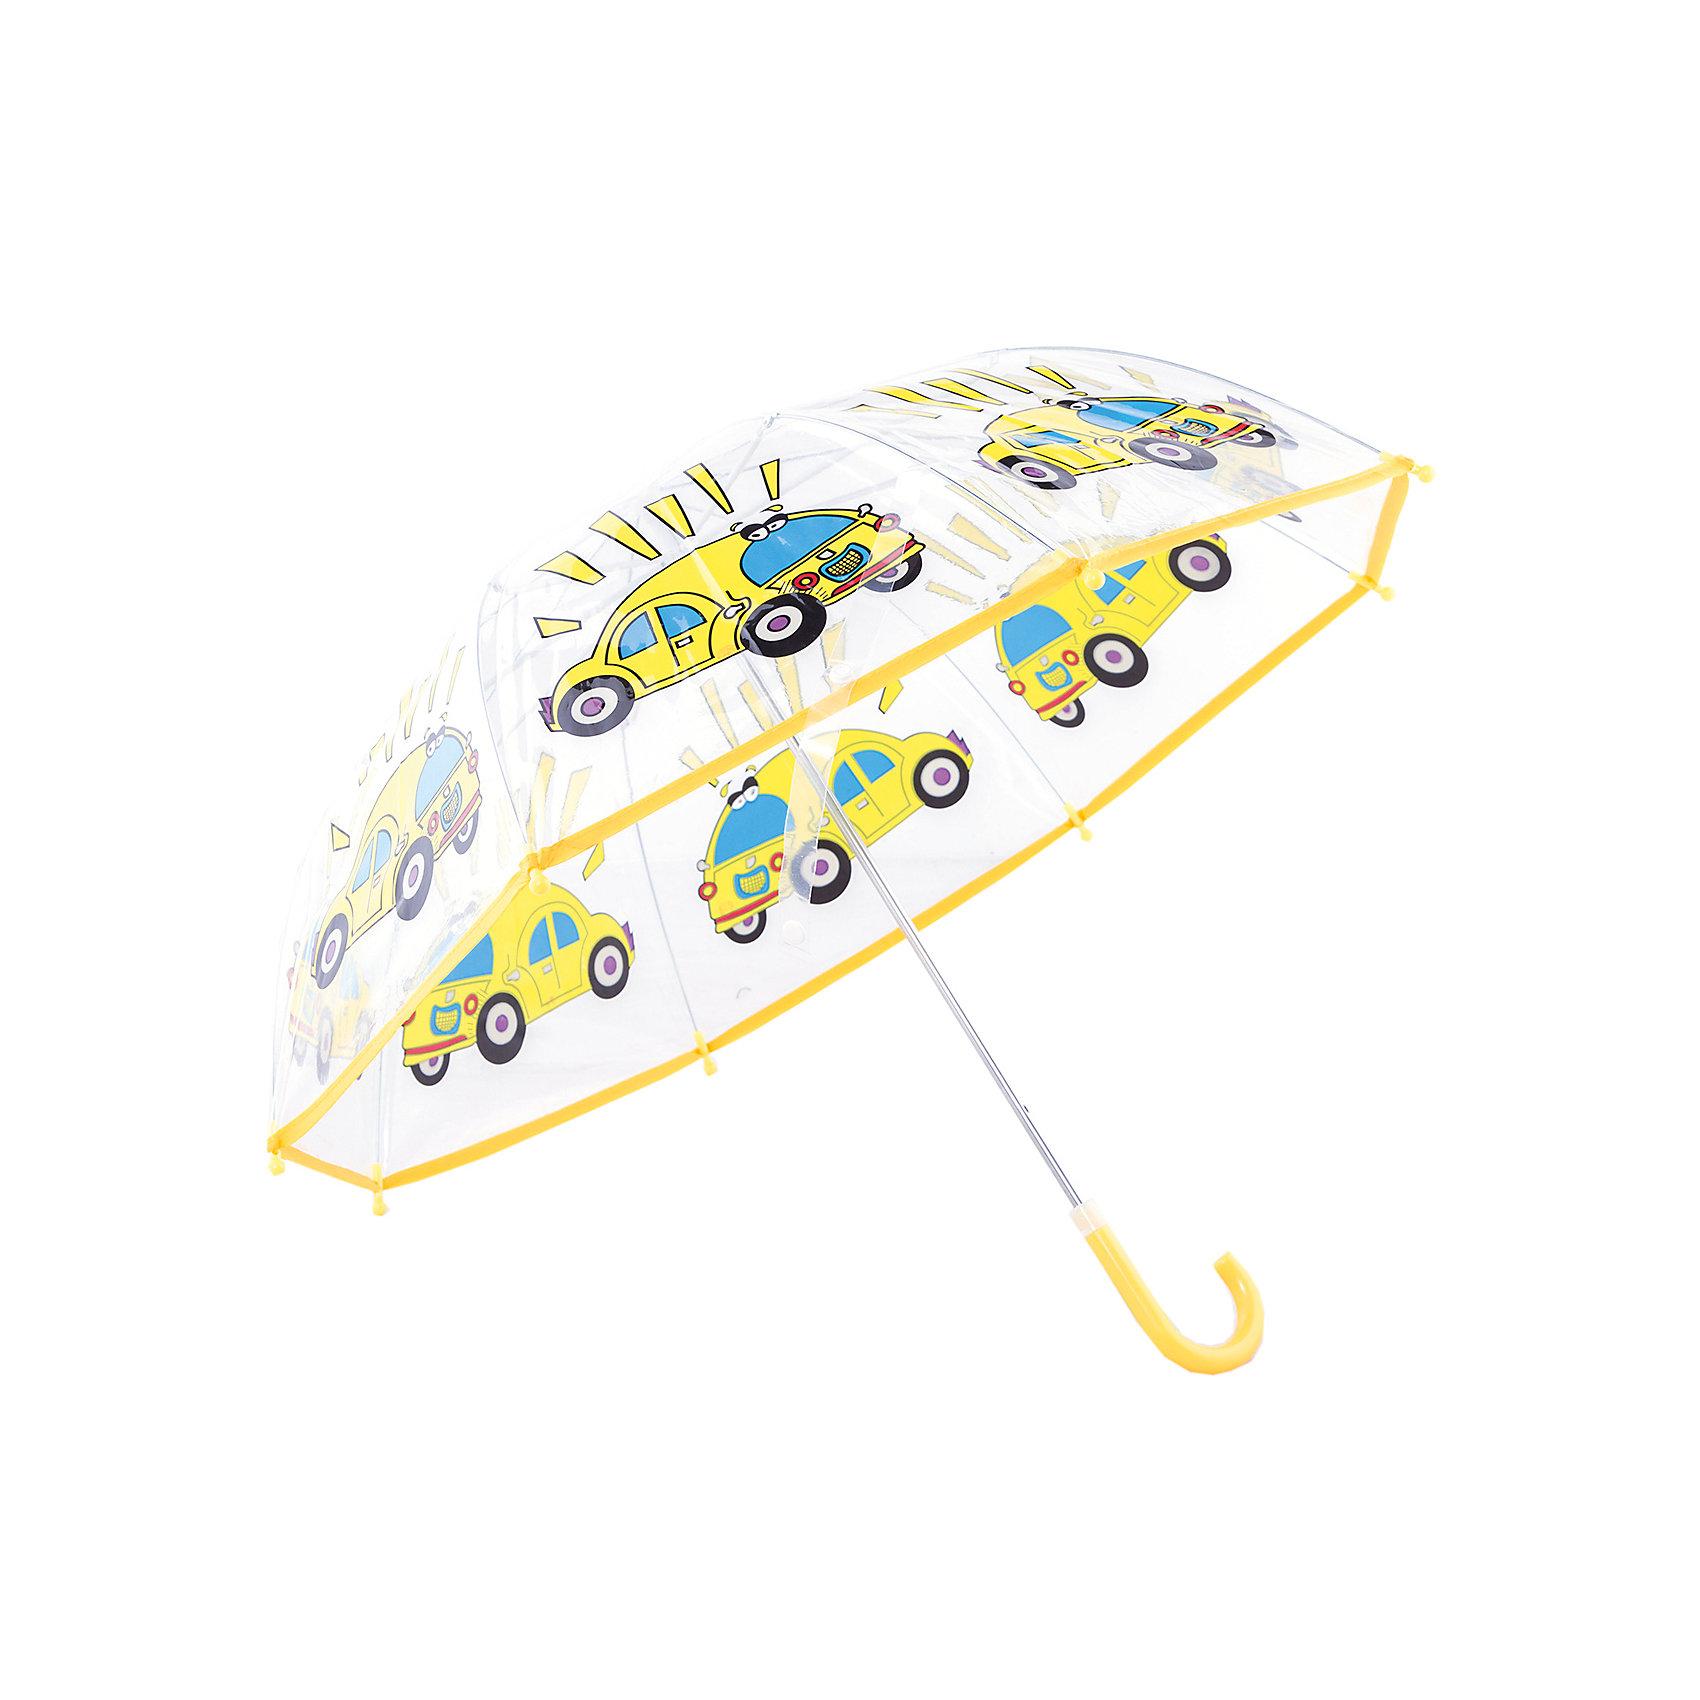 Зонт детский Автомобиль, 46 см.Зонты детские<br>Зонт детский Автомобиль, 46 см., Mary Poppins (Мэри Поппинс)<br><br>Характеристики:<br><br>• устойчив к ветру<br>• система складывания: механическая<br>• пластиковые наконечники на спицах<br>• прочное крепление купола<br>• радиус купола: 46 см<br>• материал: текстиль, металл, пластик<br>• размер упаковки: 58х6х8 см<br><br>Зонт Автомобиль защитит вашего ребенка от дождя в непогоду. Прочное крепление купола делает зонт устойчивым к сильному ветру. Зонт имеет механическую систему складывания. Пластиковая ручка имеет форму, удобную для детских рук. Металлические спицы дополнены пластиковыми наконечники, чтобы ребенок не поранился по время использования зонта. Прозрачный купол оформлен ярким принтом с изображением машинок. Кроха сможет разглядывать маленькие капельки и радоваться дождику.<br><br>Зонт детский Автомобиль, 46 см., Mary Poppins (Мэри Поппинс) вы можете купить в нашем интернет-магазине.<br><br>Ширина мм: 580<br>Глубина мм: 600<br>Высота мм: 800<br>Вес г: 250<br>Возраст от месяцев: 36<br>Возраст до месяцев: 2147483647<br>Пол: Мужской<br>Возраст: Детский<br>SKU: 5508500